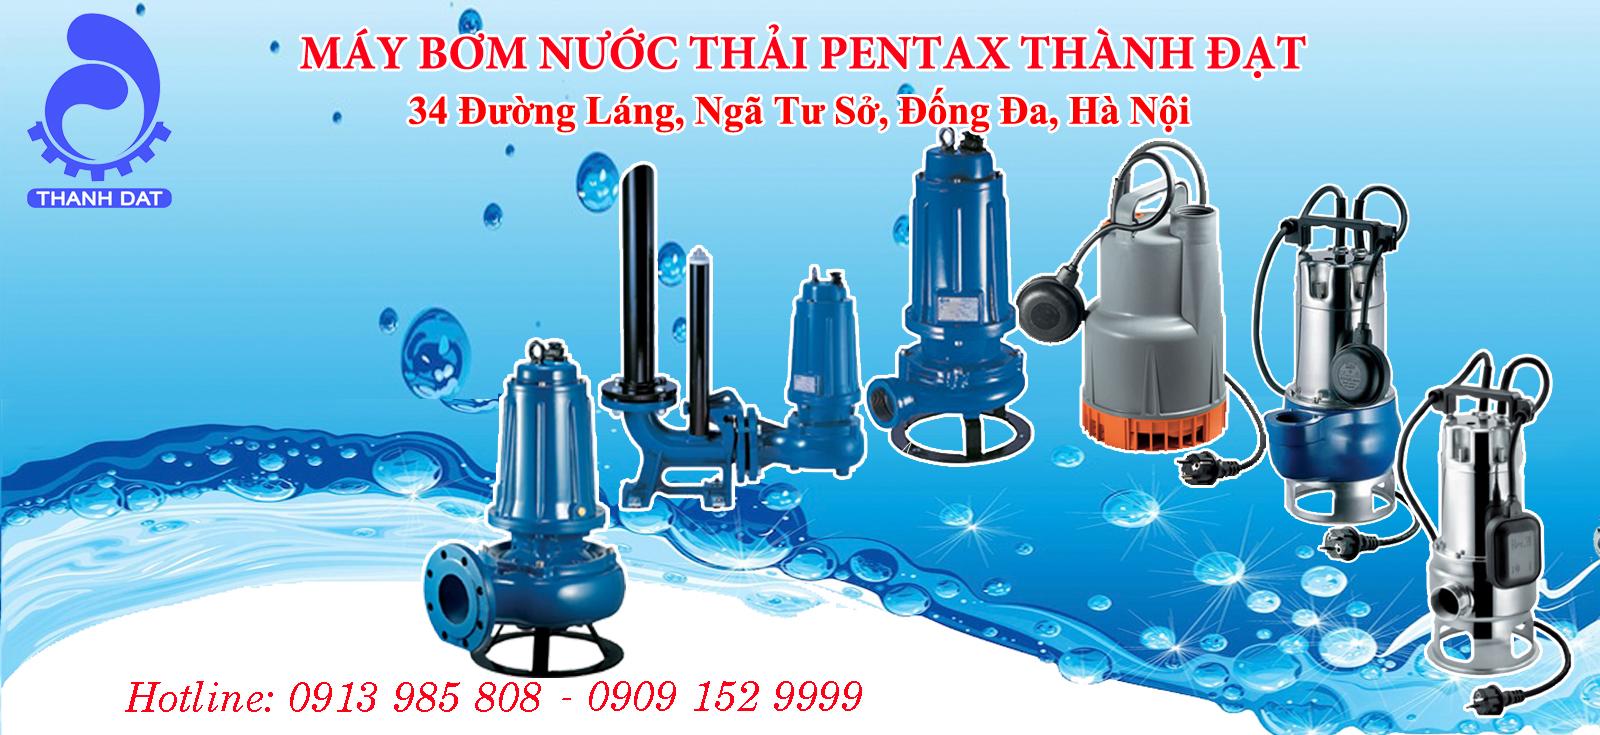 5 dòng máy bơm nước thải Pentax bán chạy nhất